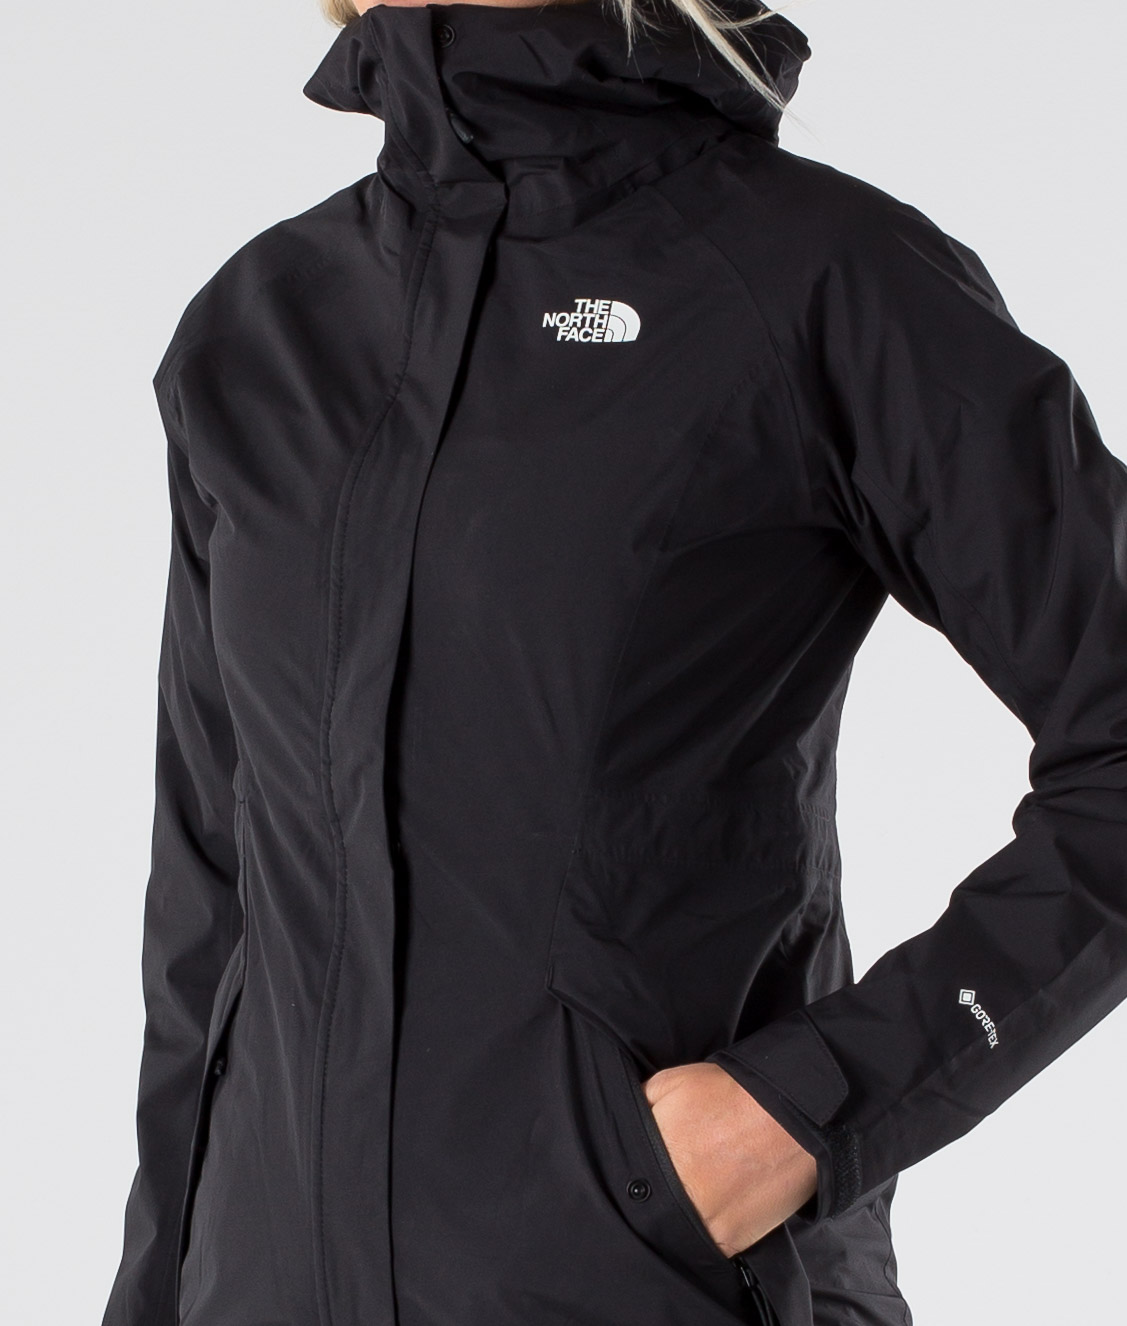 THE NORTH FACE All Terrain Zip In Outdoorjacke für Damen